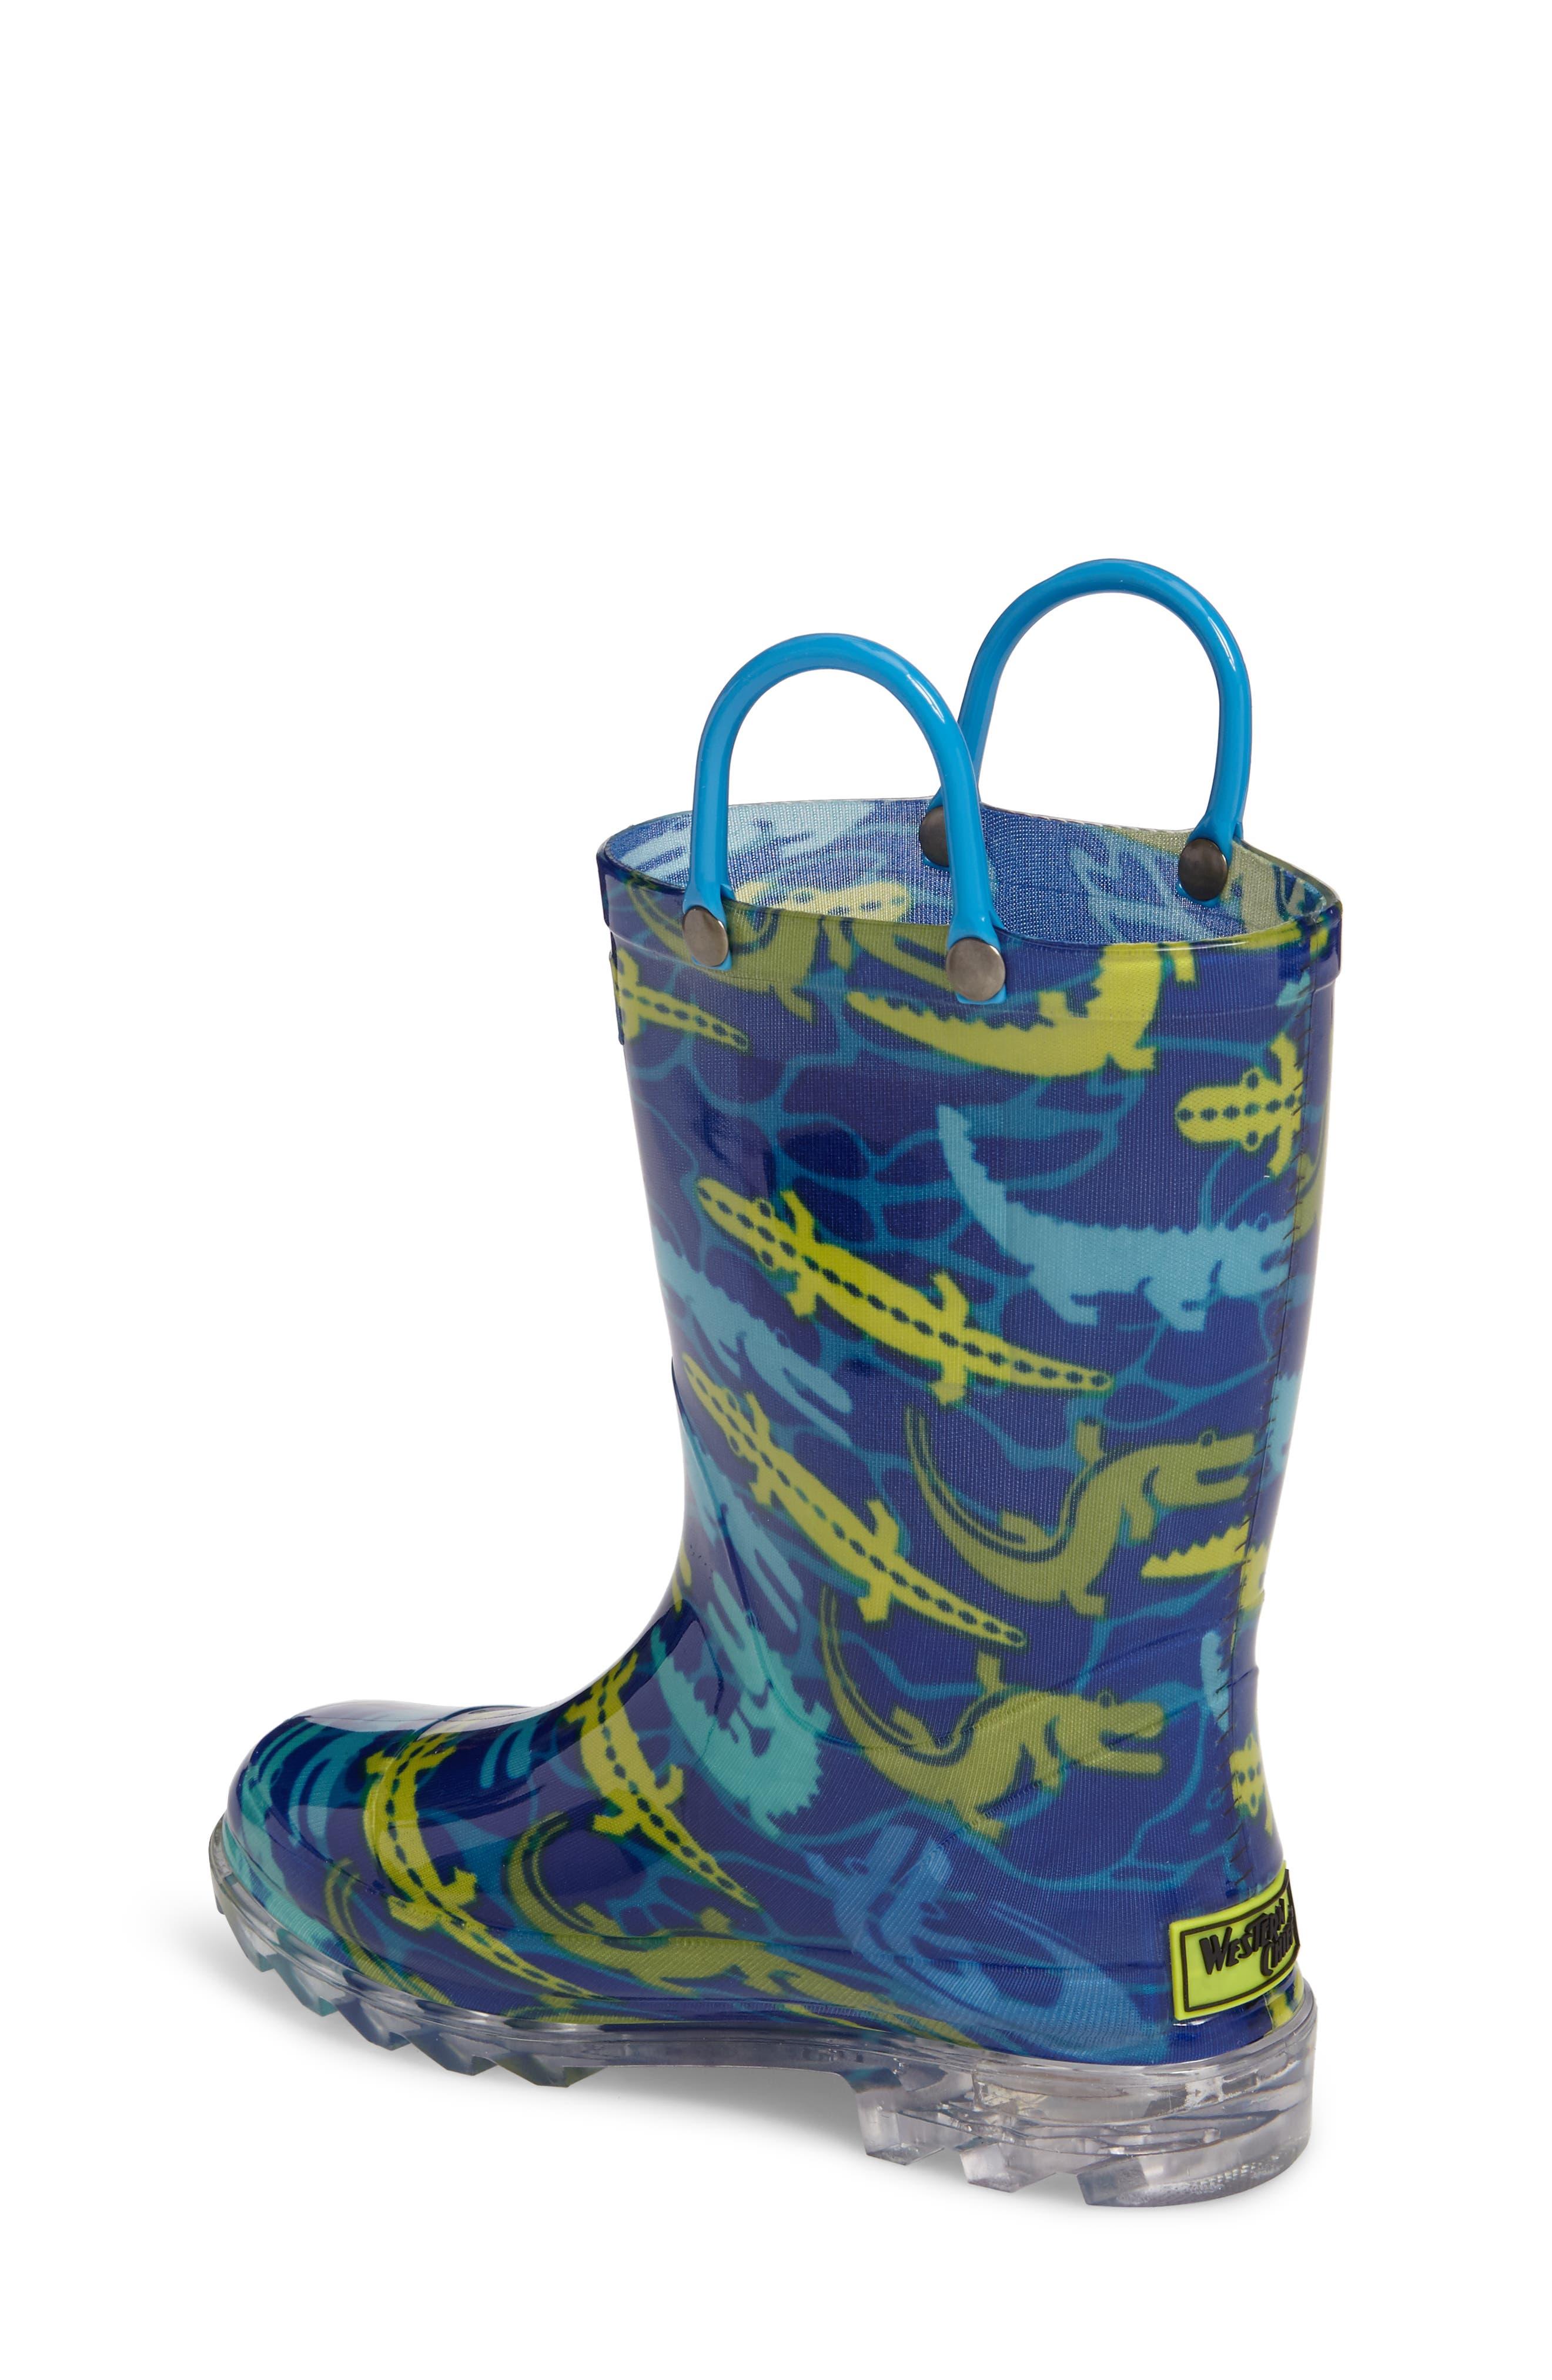 Gators Galore Light-Up Rain Boot,                             Alternate thumbnail 2, color,                             421